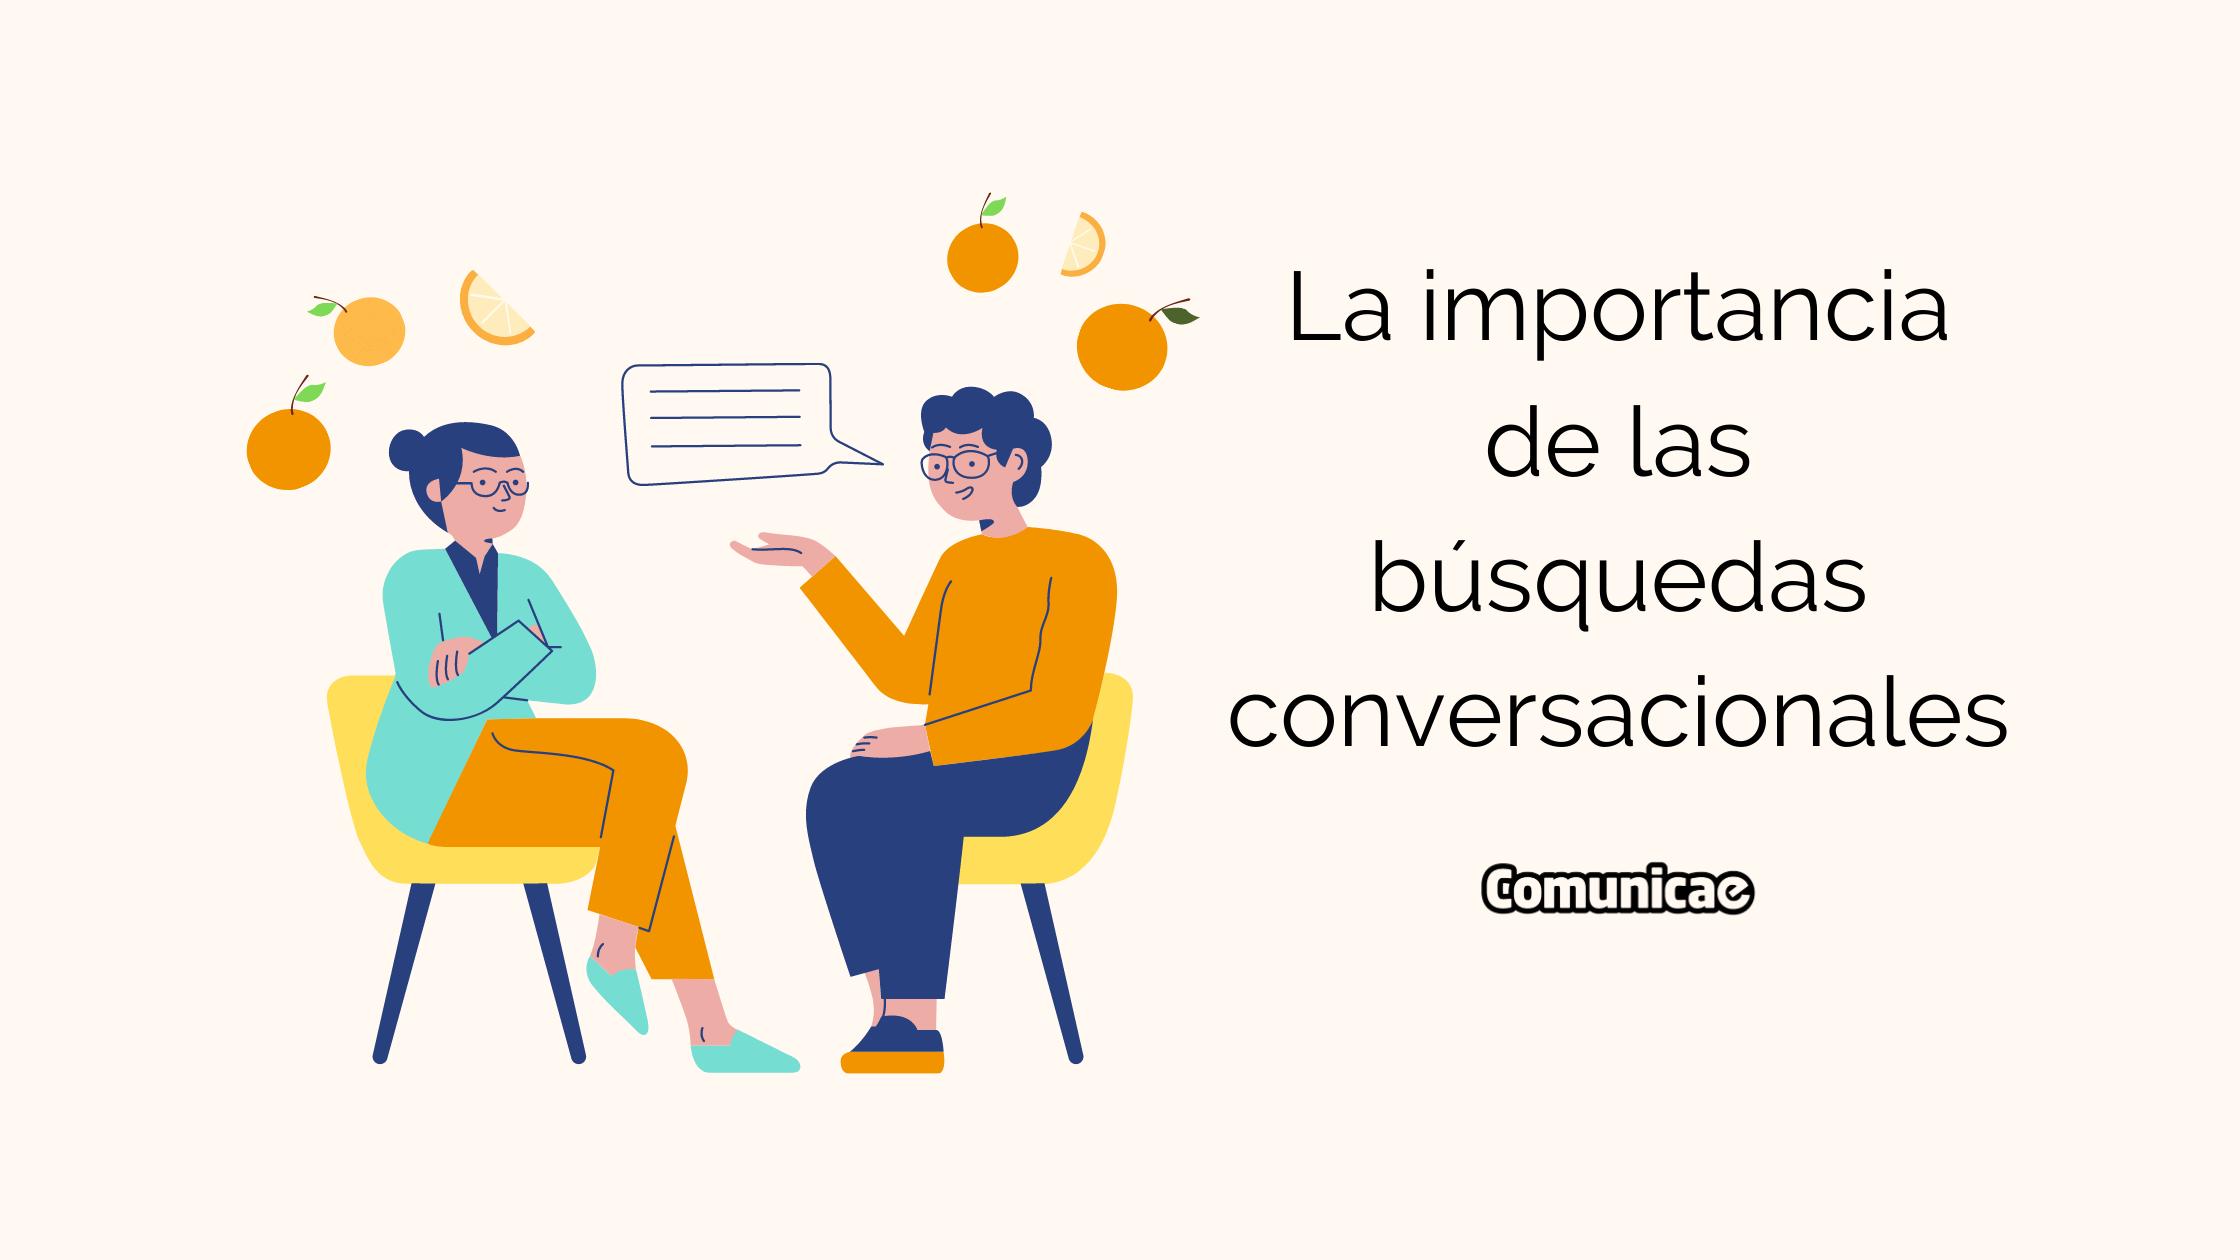 La importancia de las búsquedas conversacionales